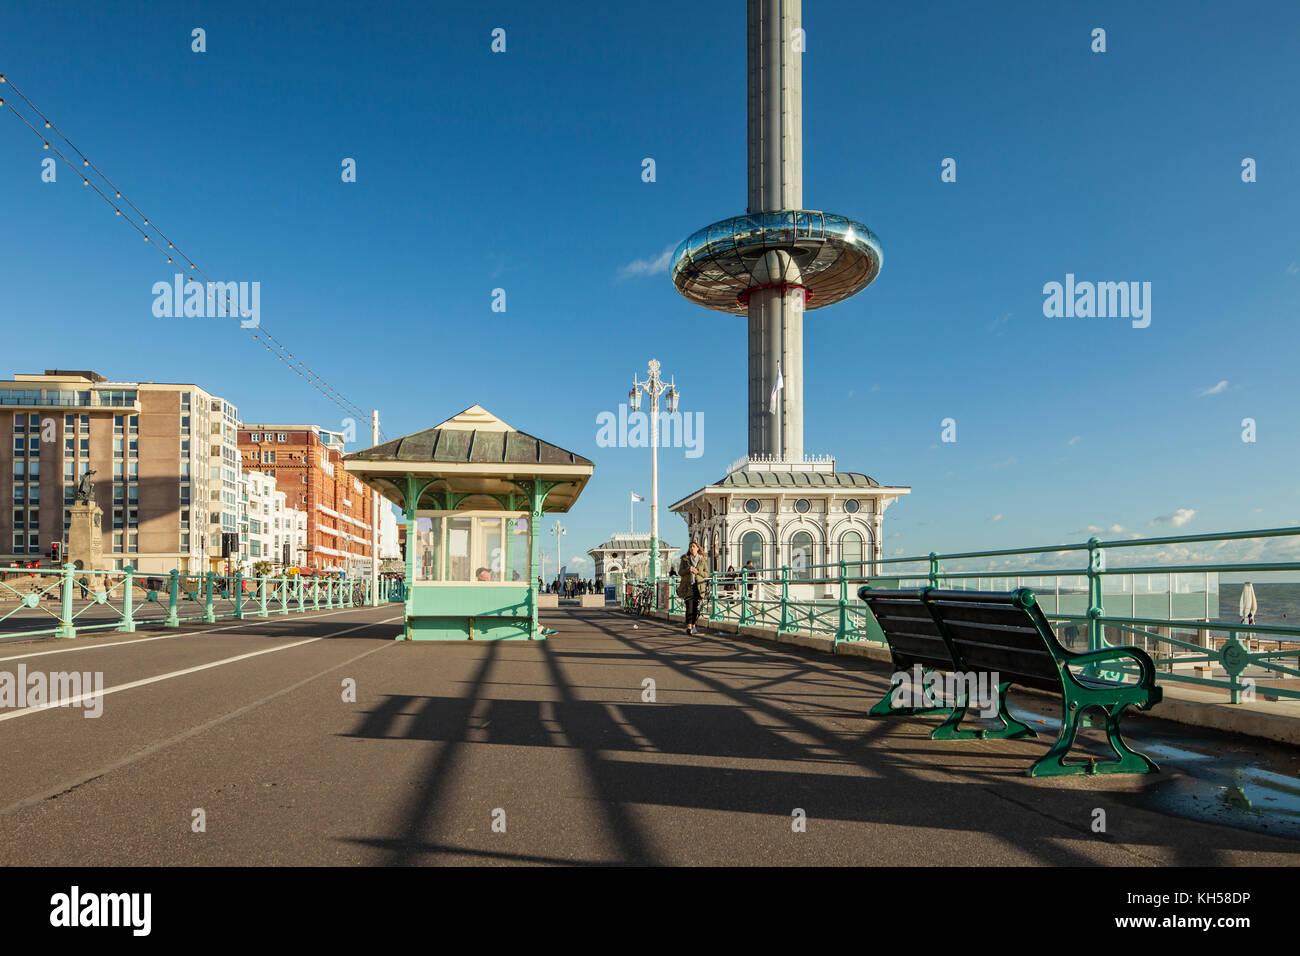 Pomeriggio sul lungomare di Brighton, East Sussex, Inghilterra. i360 torre in distanza. Immagini Stock